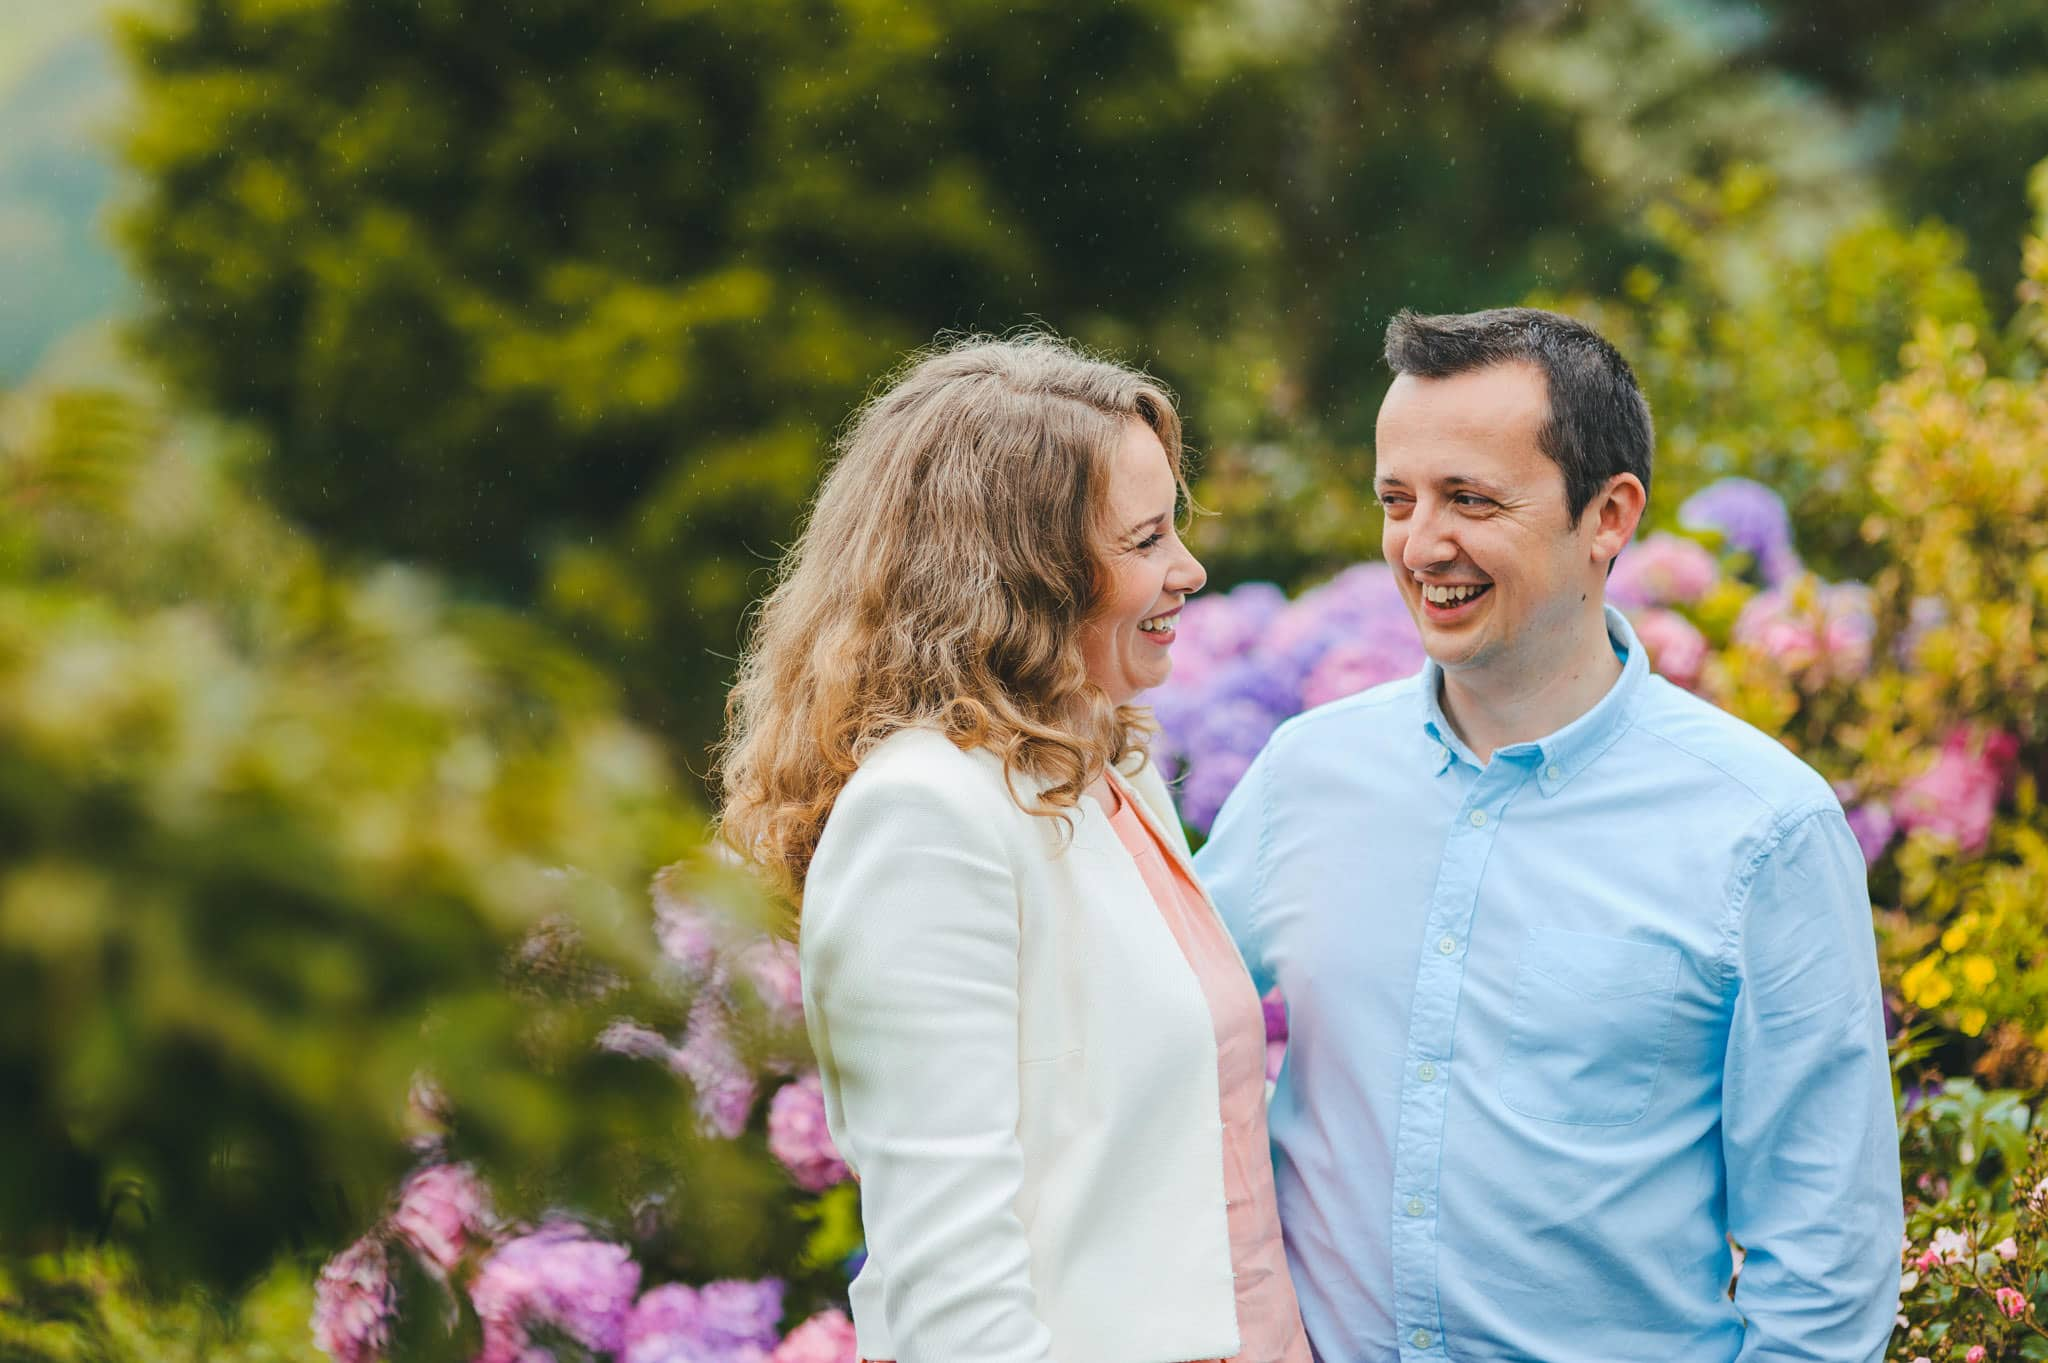 wedding-photographer-aberystwyth (2)